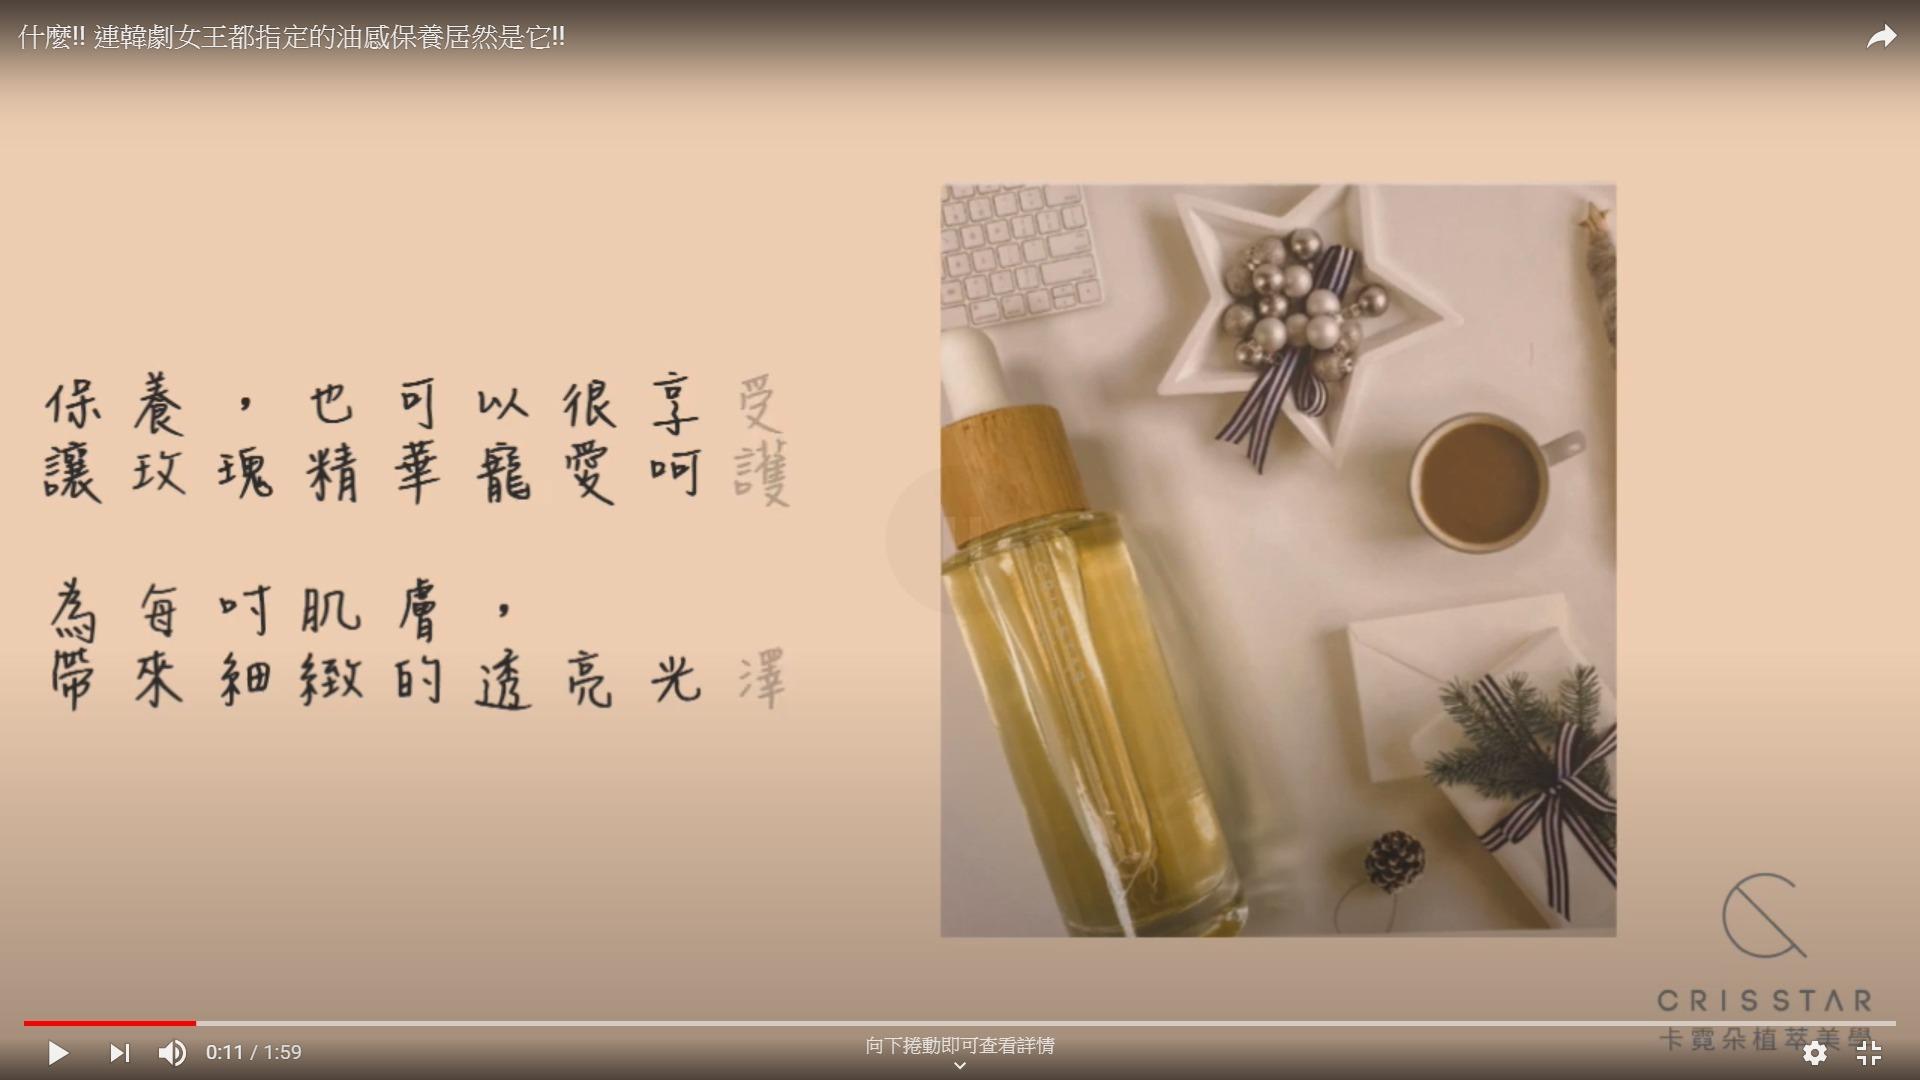 什麼!! 連韓劇女王都指定的油感保養居然是它!!